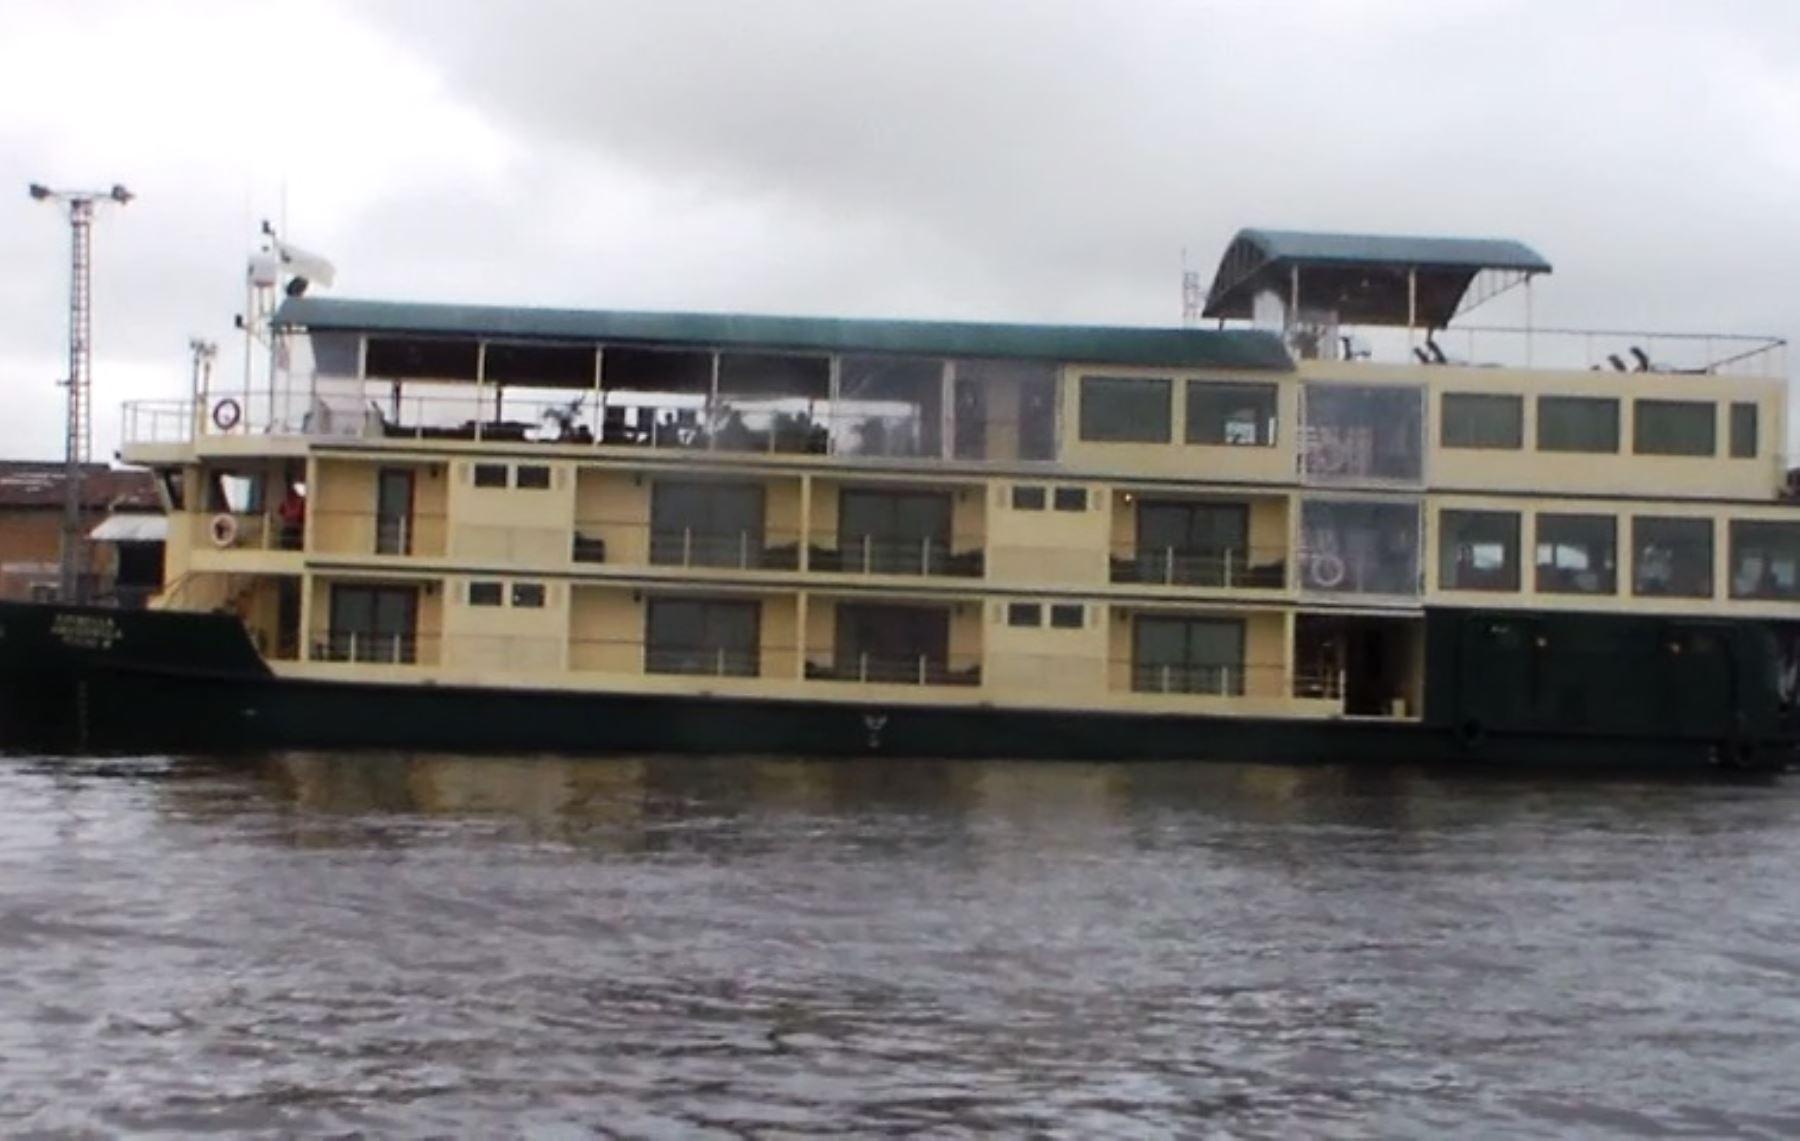 Crucero Estrella amazónica donde se reportó un incendio cuando surcaba el río Amazonas, en Loreto, que originó la muerte de dos turistas de nacionalidad estadounidense. ANDINA